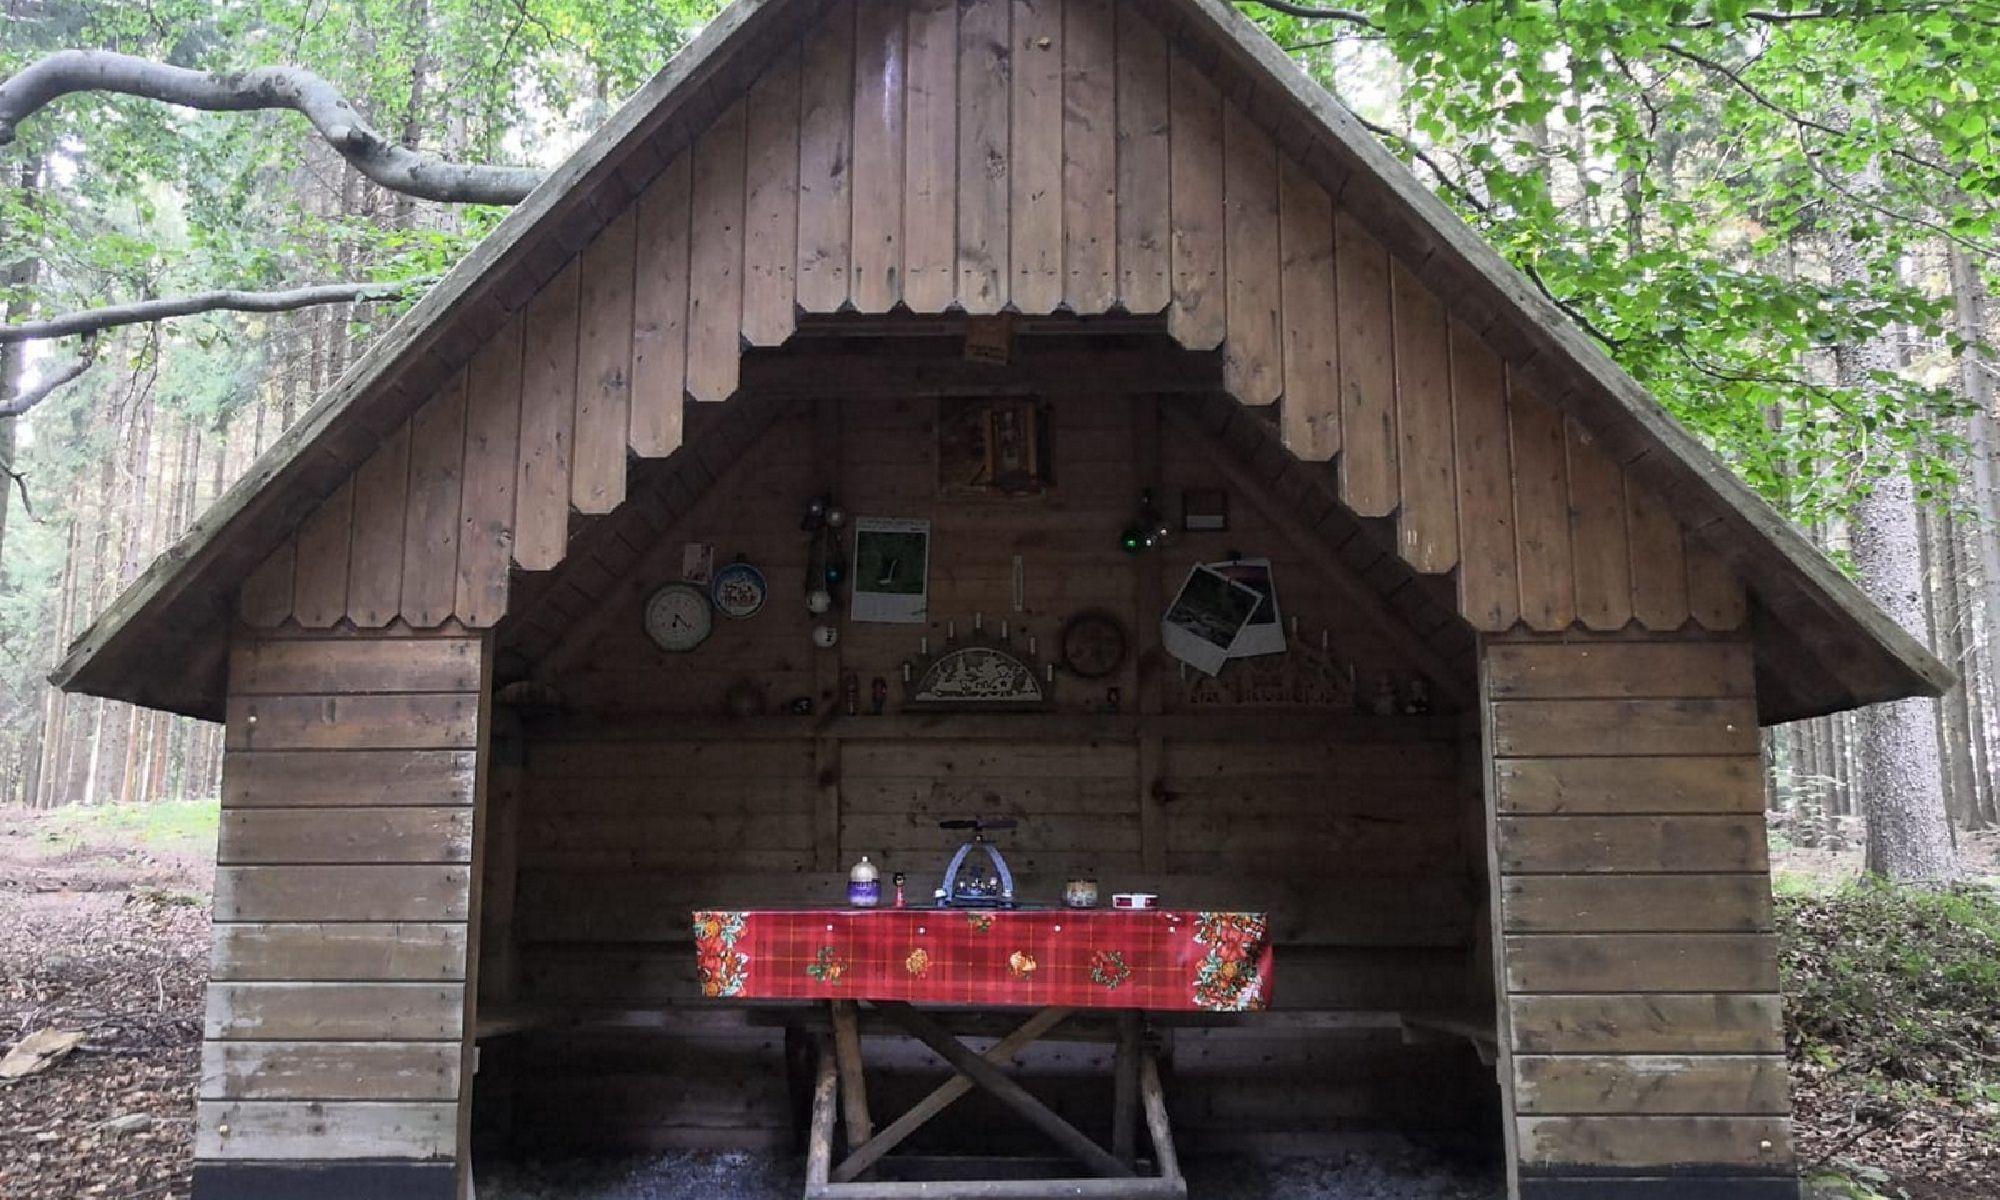 Erzgebirgische Volkskunst im Wald